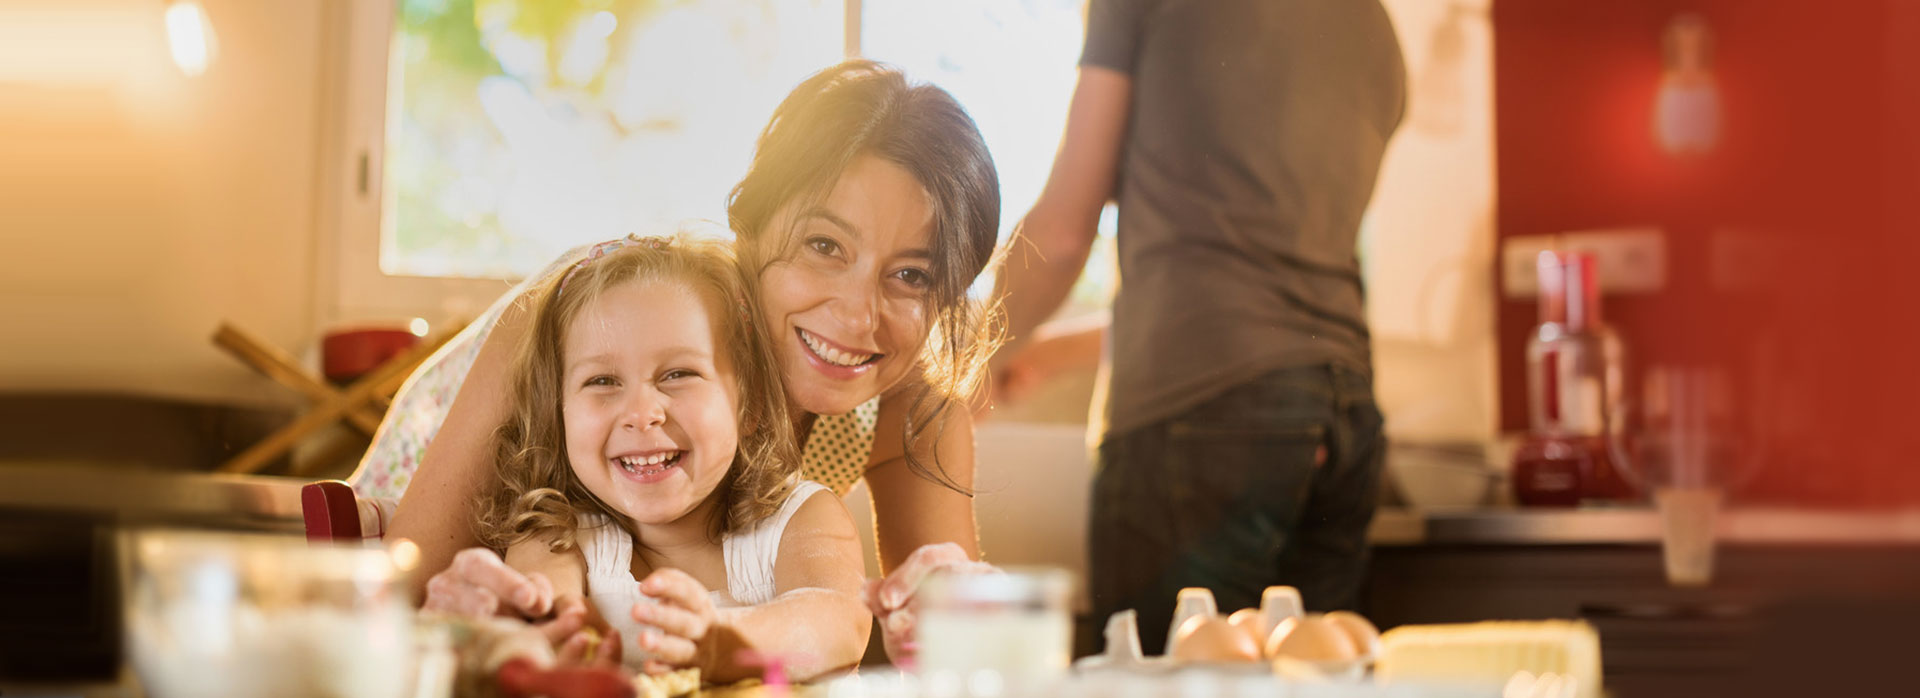 נילי ריימונד, אמא וילדה, איחור התפתחותי